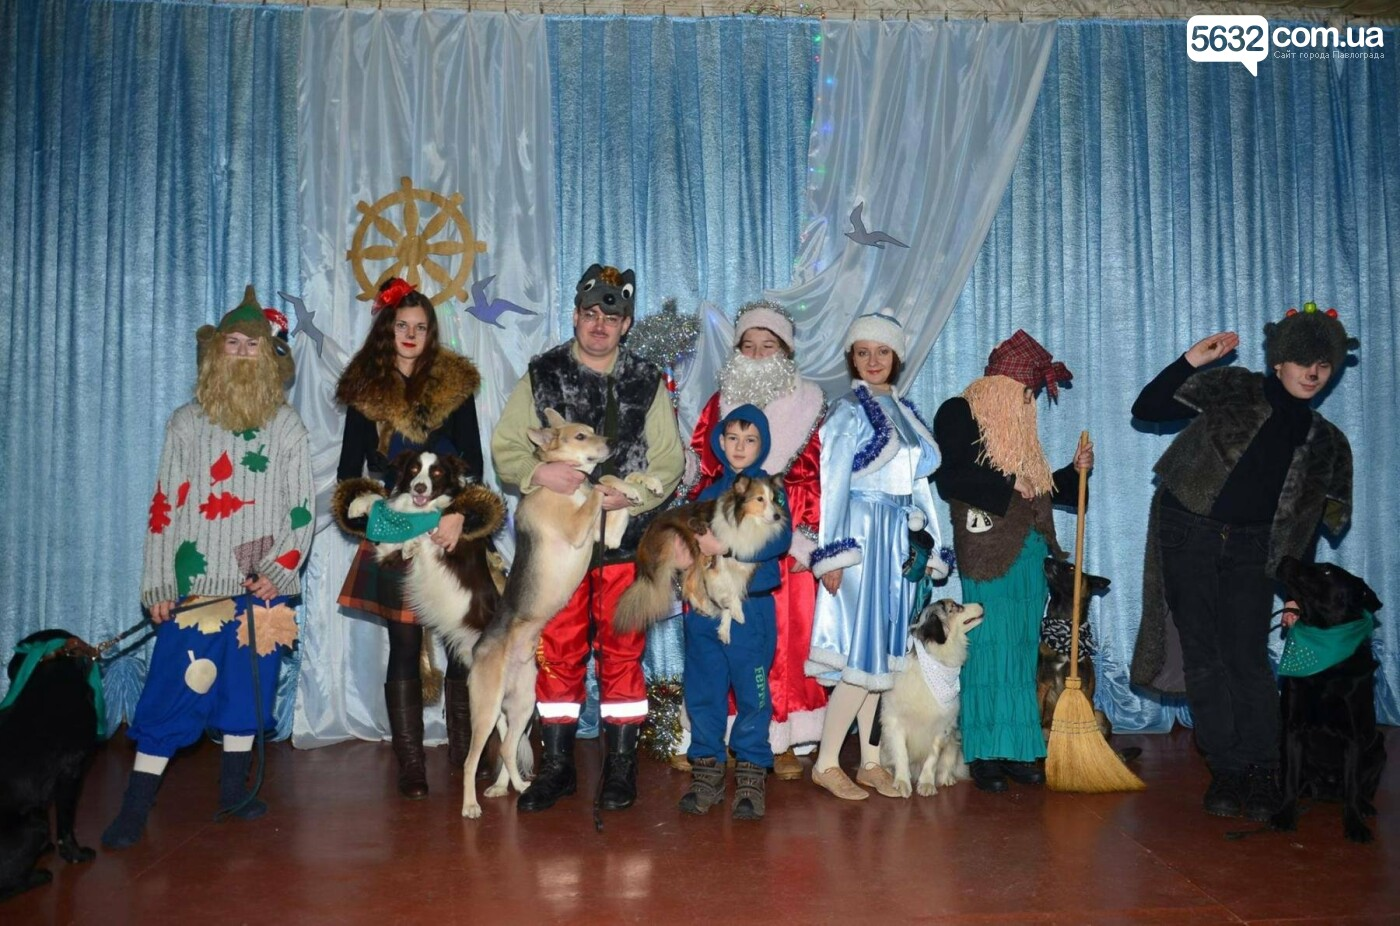 Павлоградські кінологи подарували малюкам Донеччини новорічне свято, фото-3